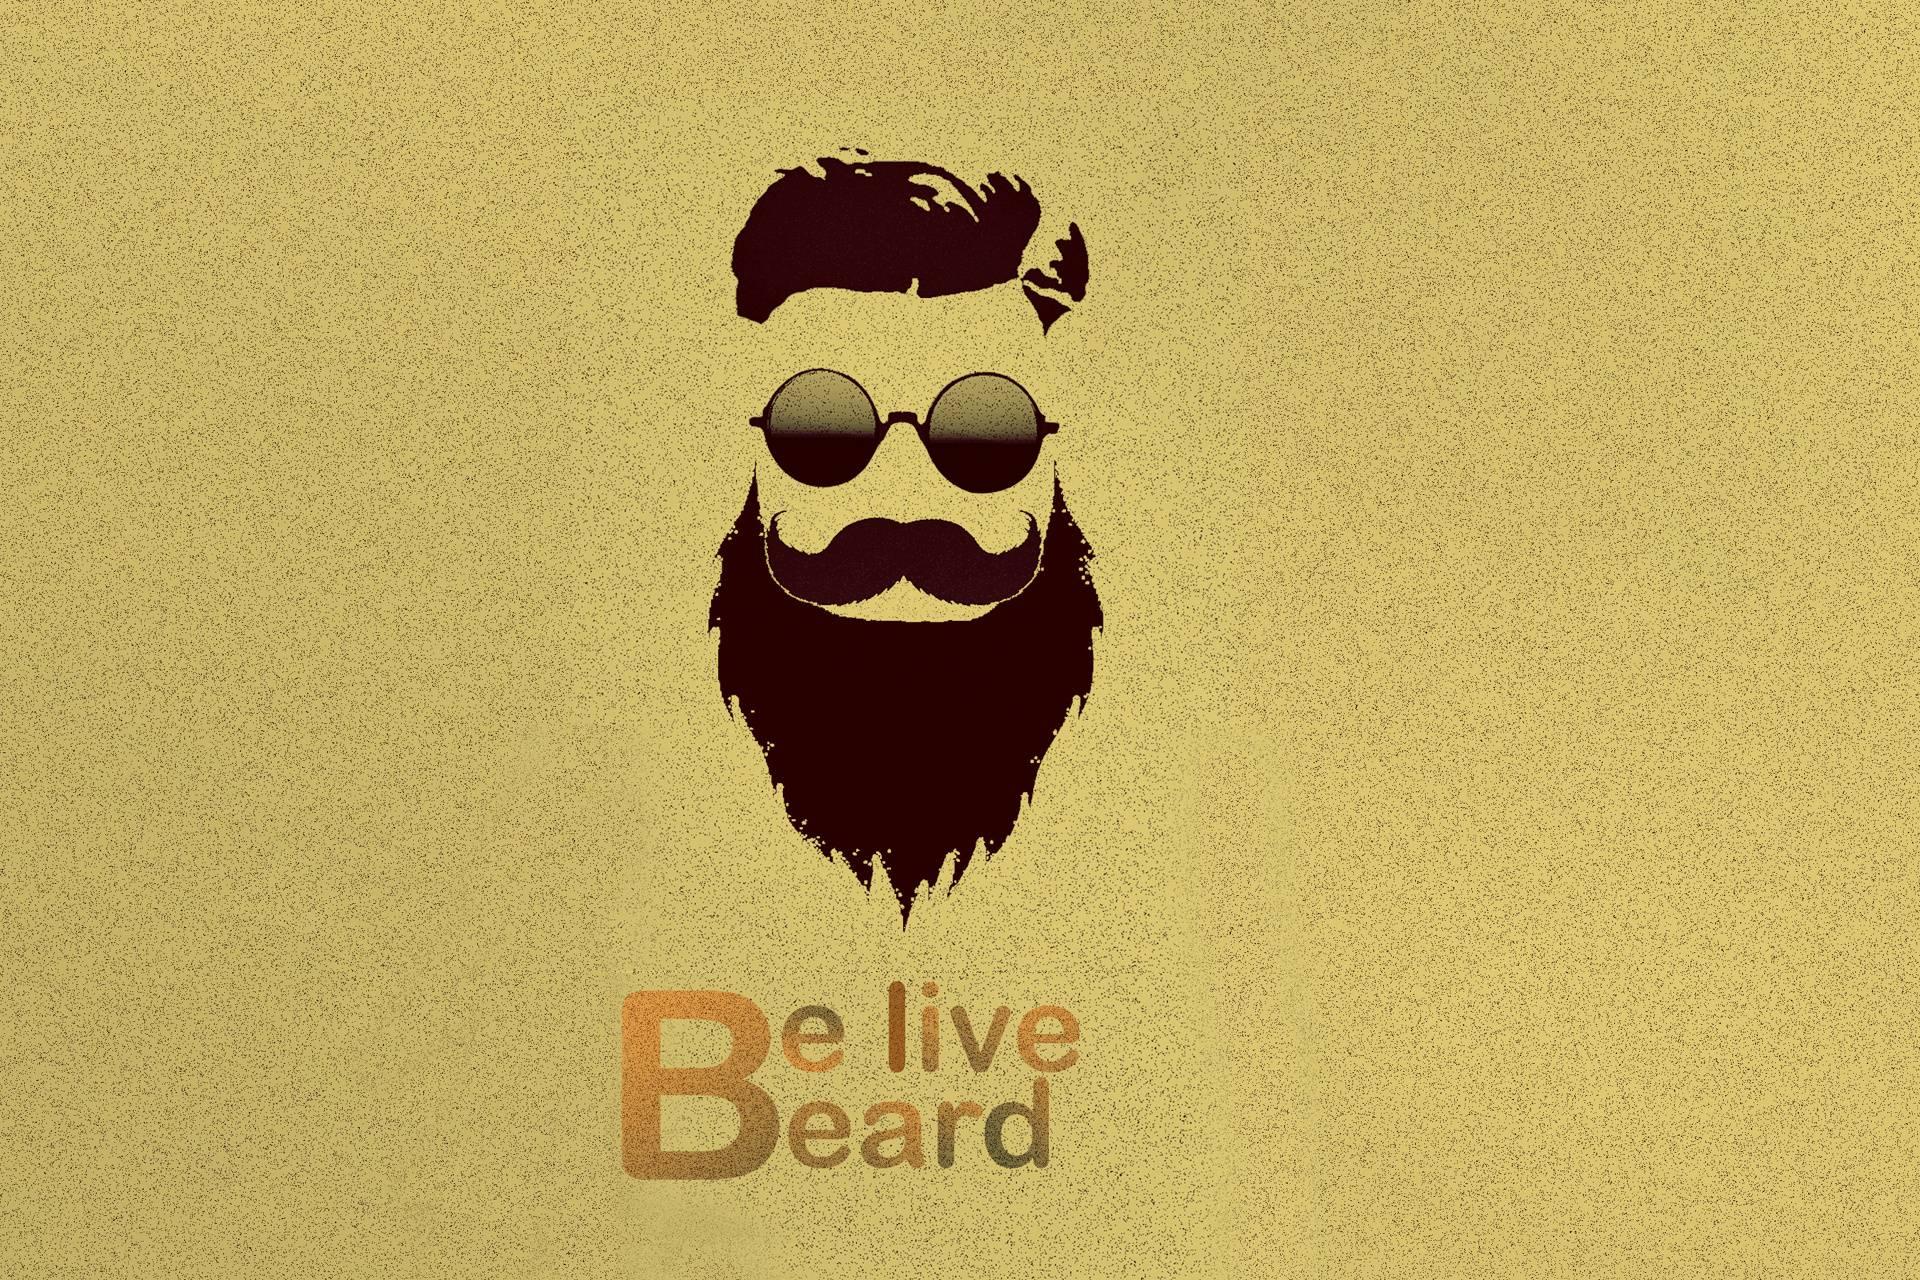 beard live